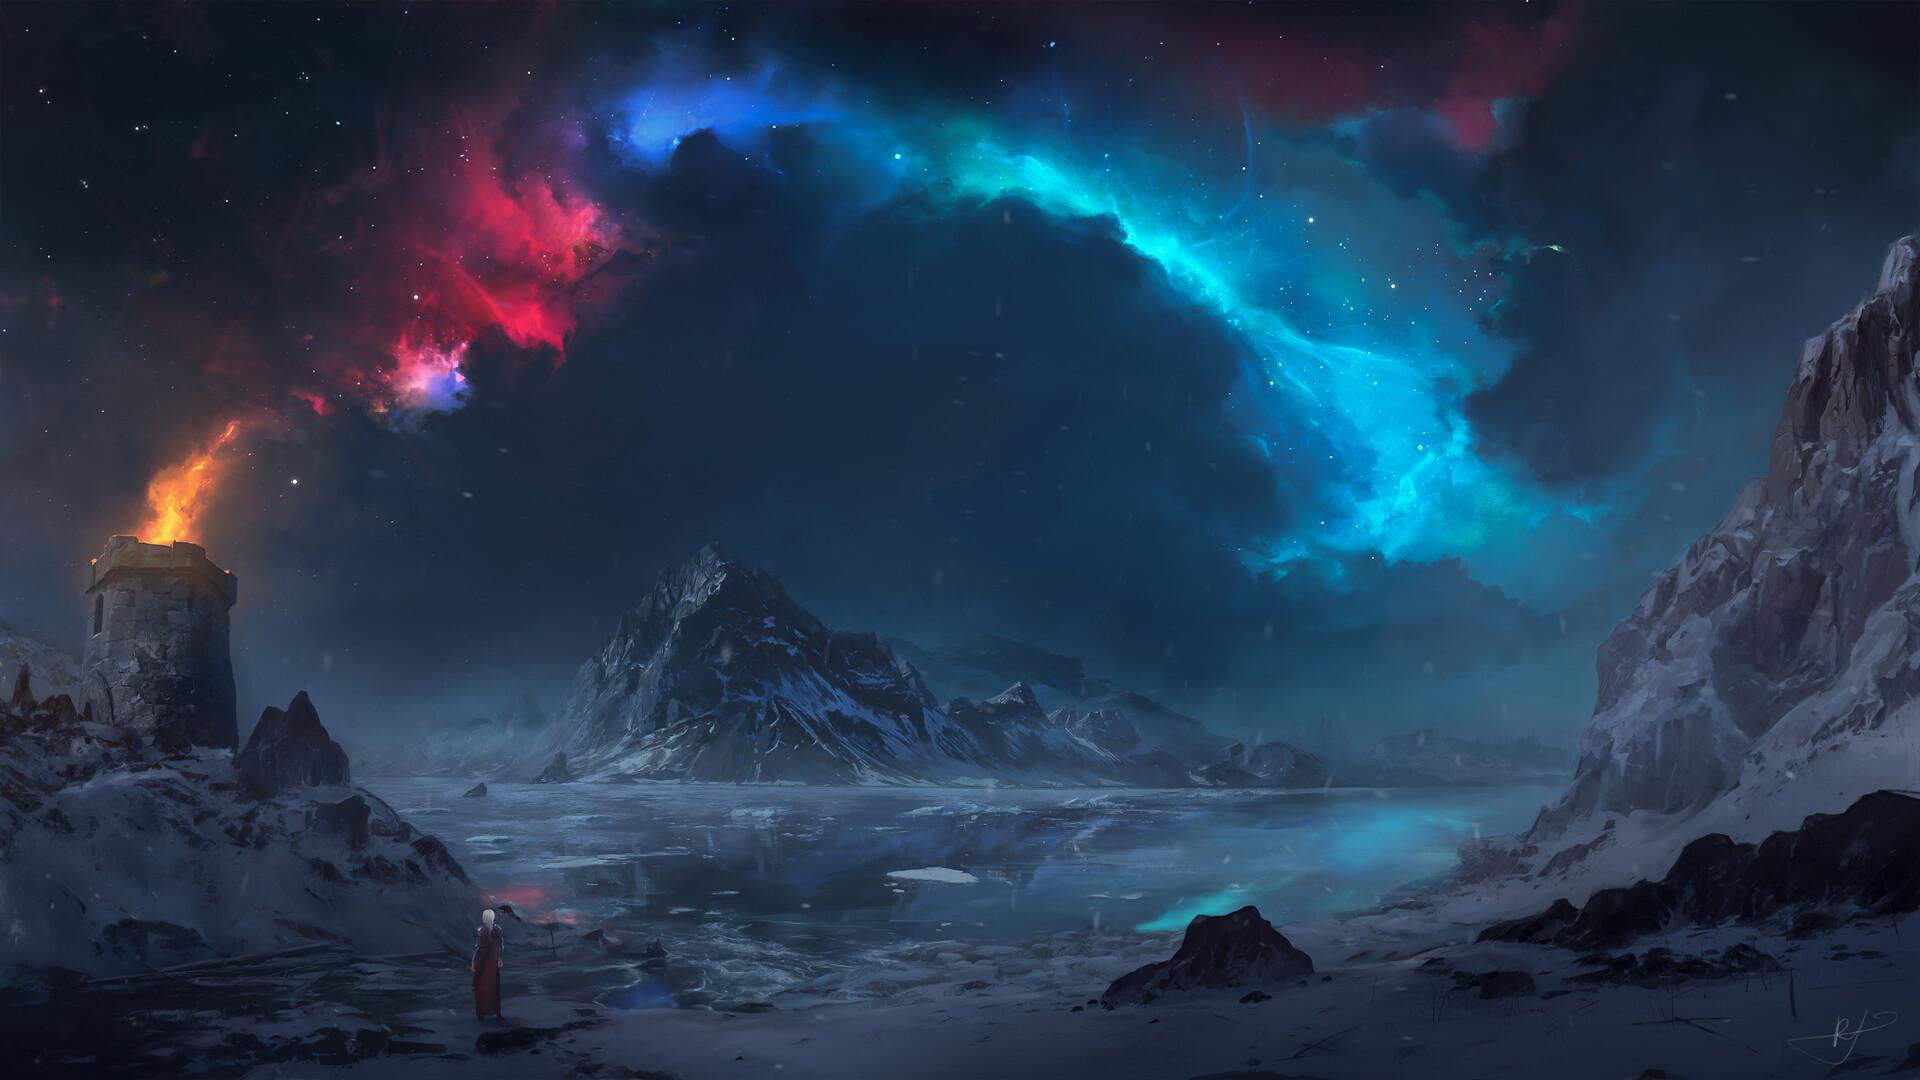 General 1920x1080 Max Suleimanov digital art landscape winter snow water aurorae mountains